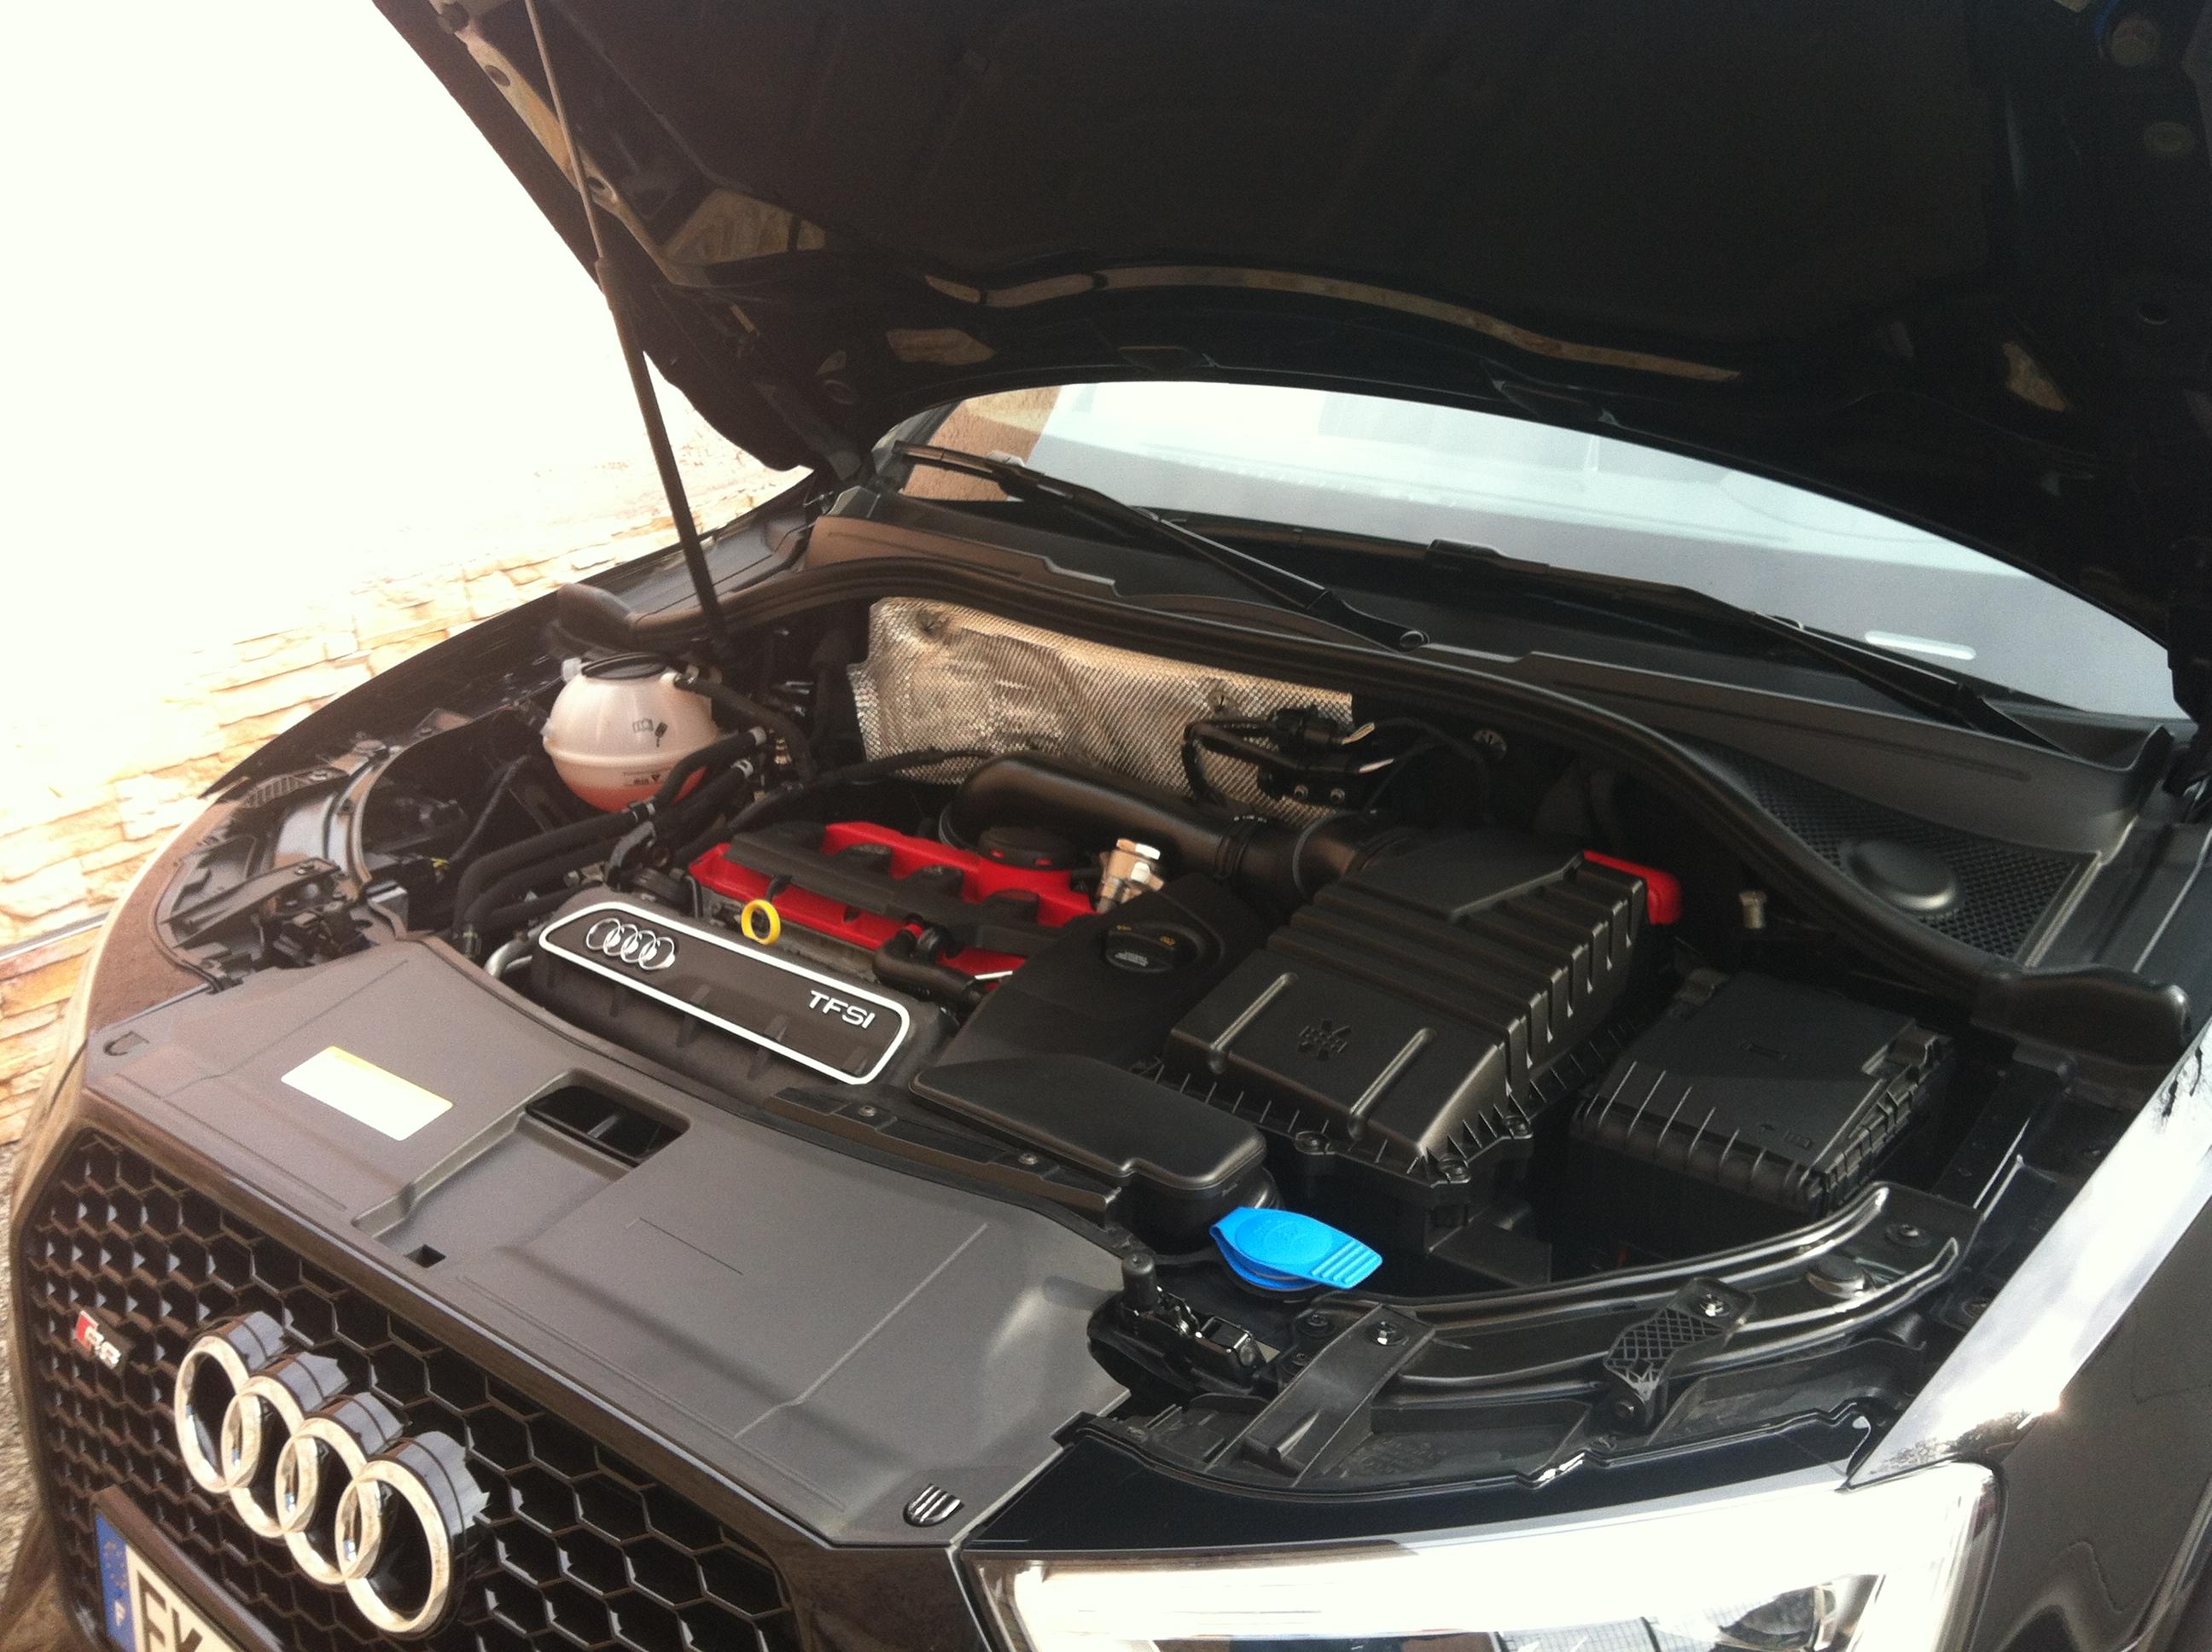 Lavage compartiment moteur